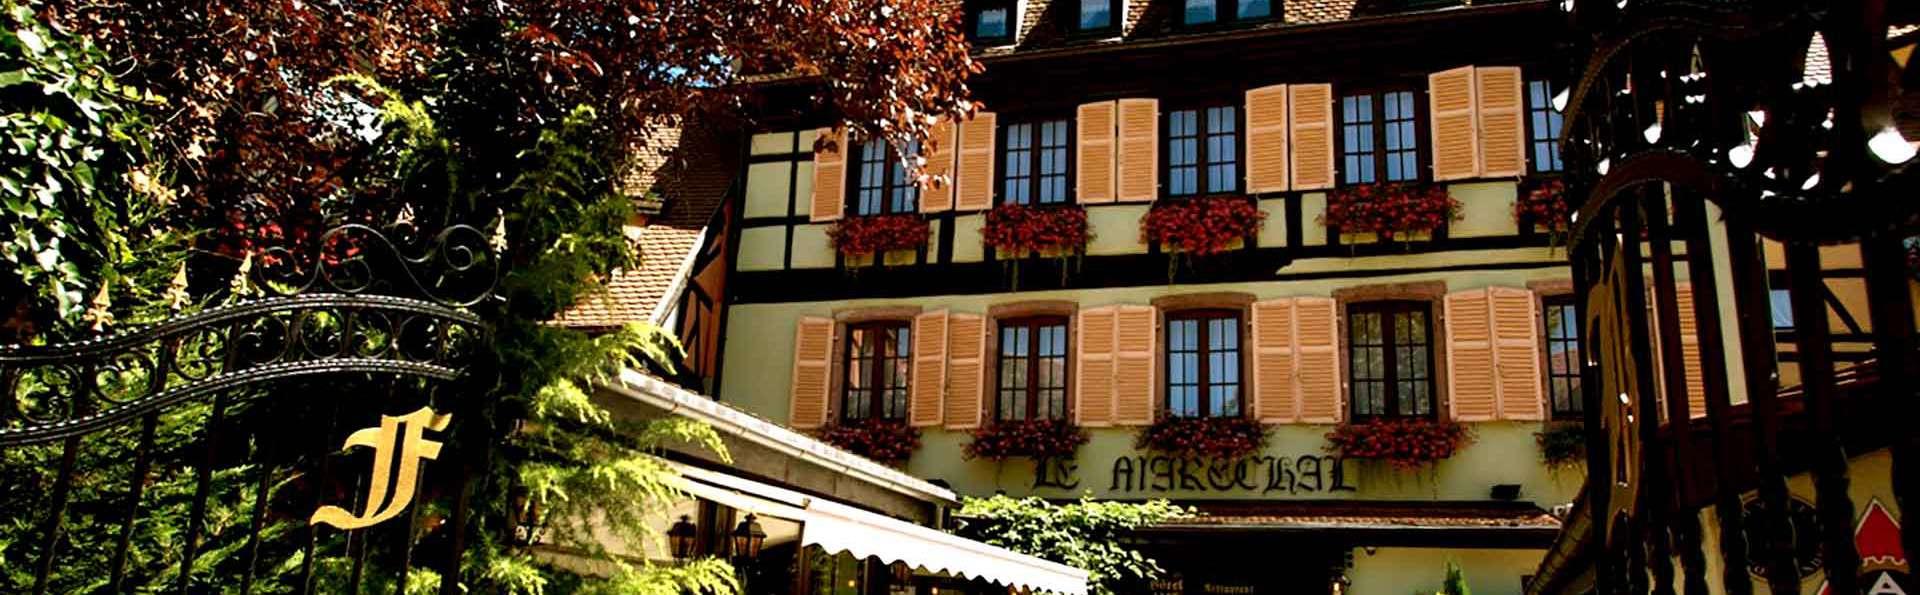 Hostellerie Le Maréchal - Edit_Front2.jpg